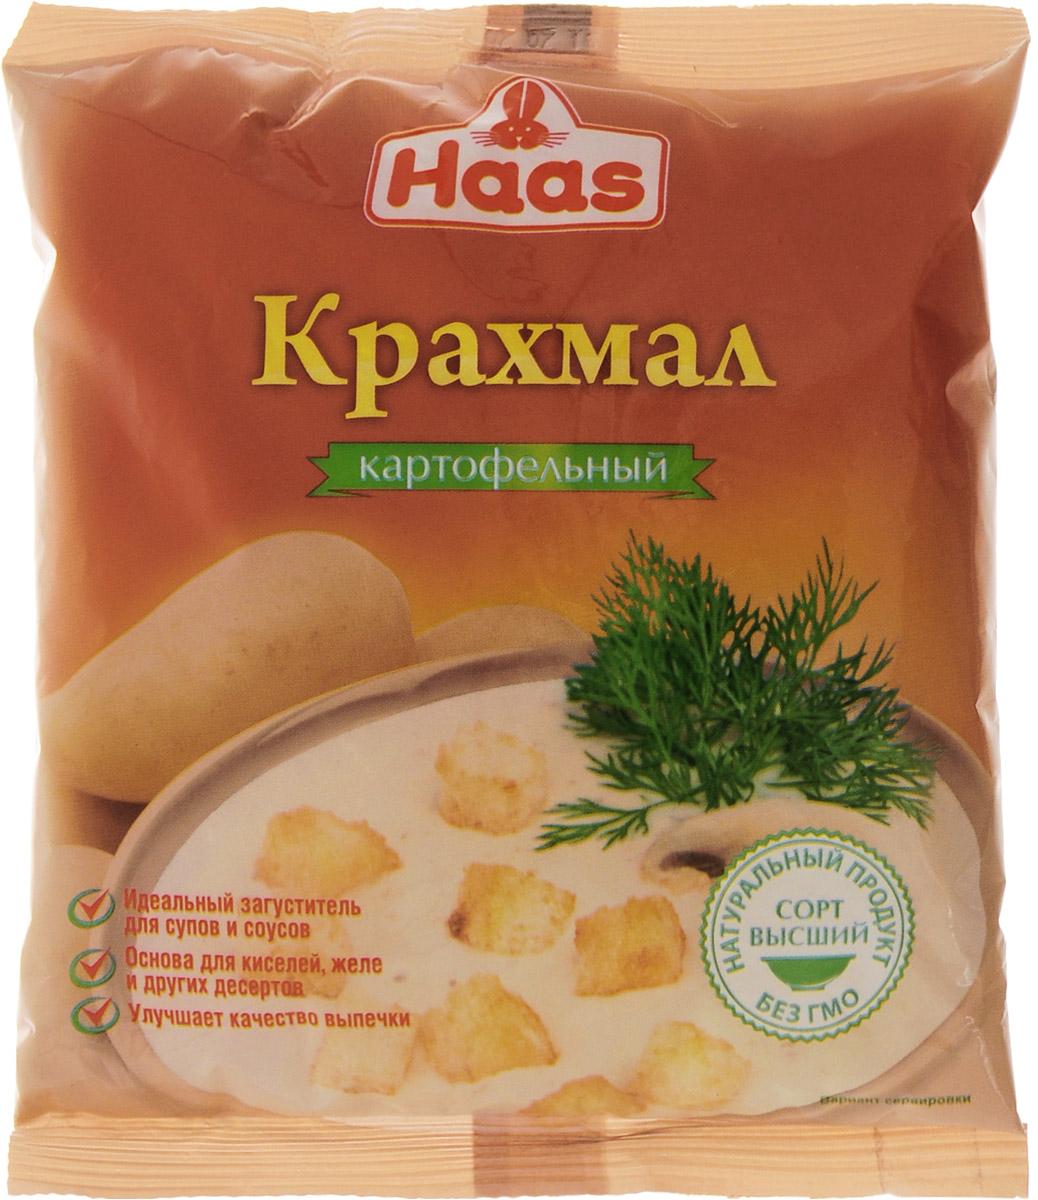 Haas крахмал картофельный, 200 г